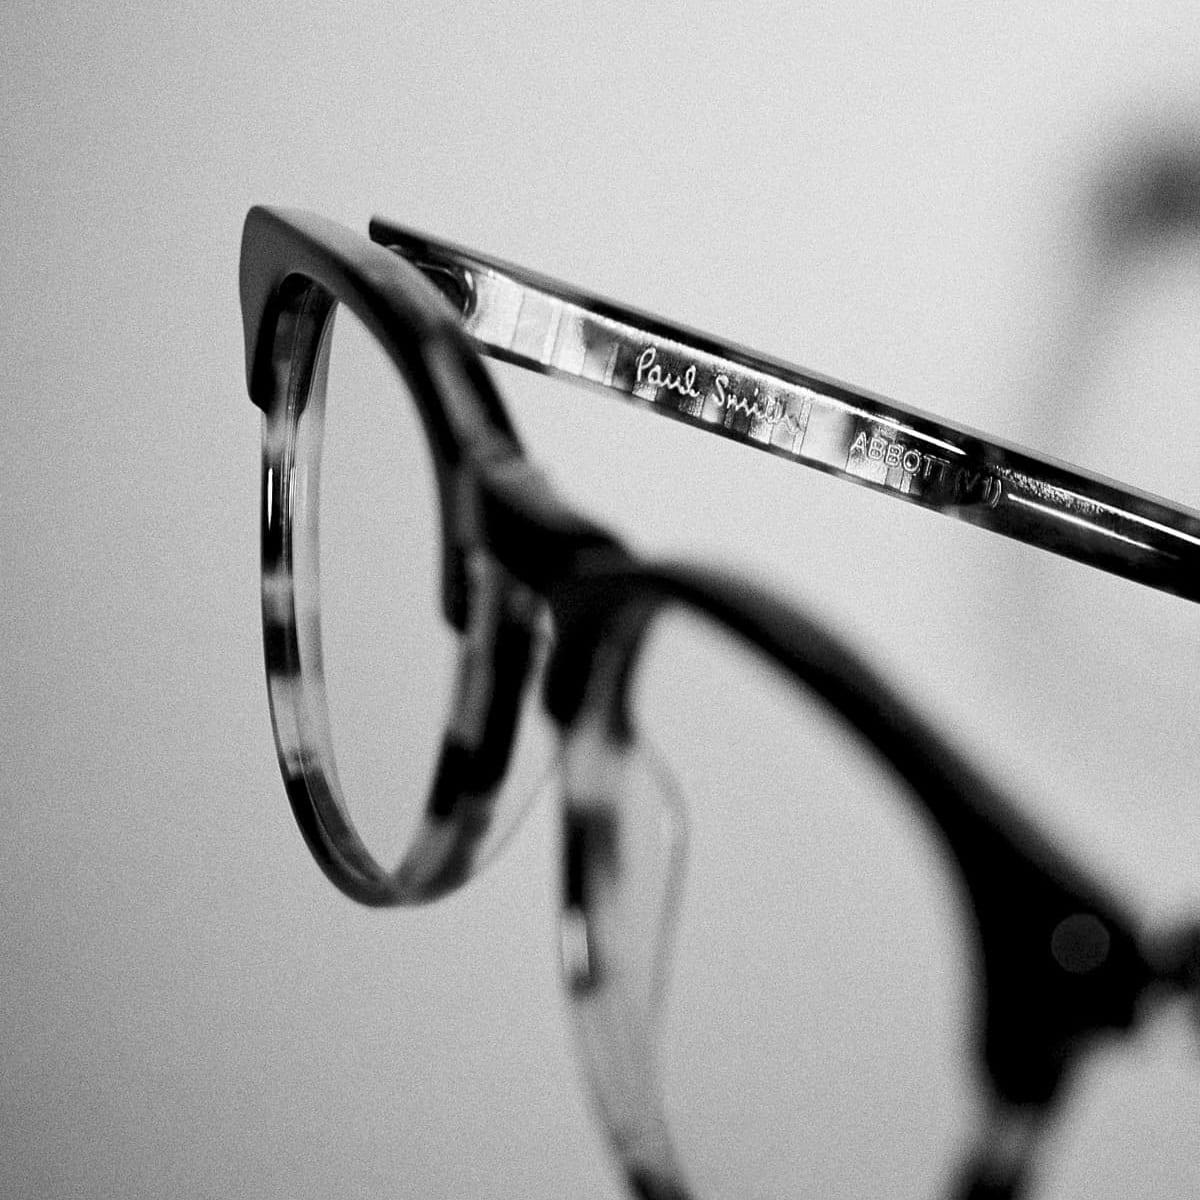 paul-smith-eyewear-glasses-stockist-opticians-west-midlands-shropshire-09